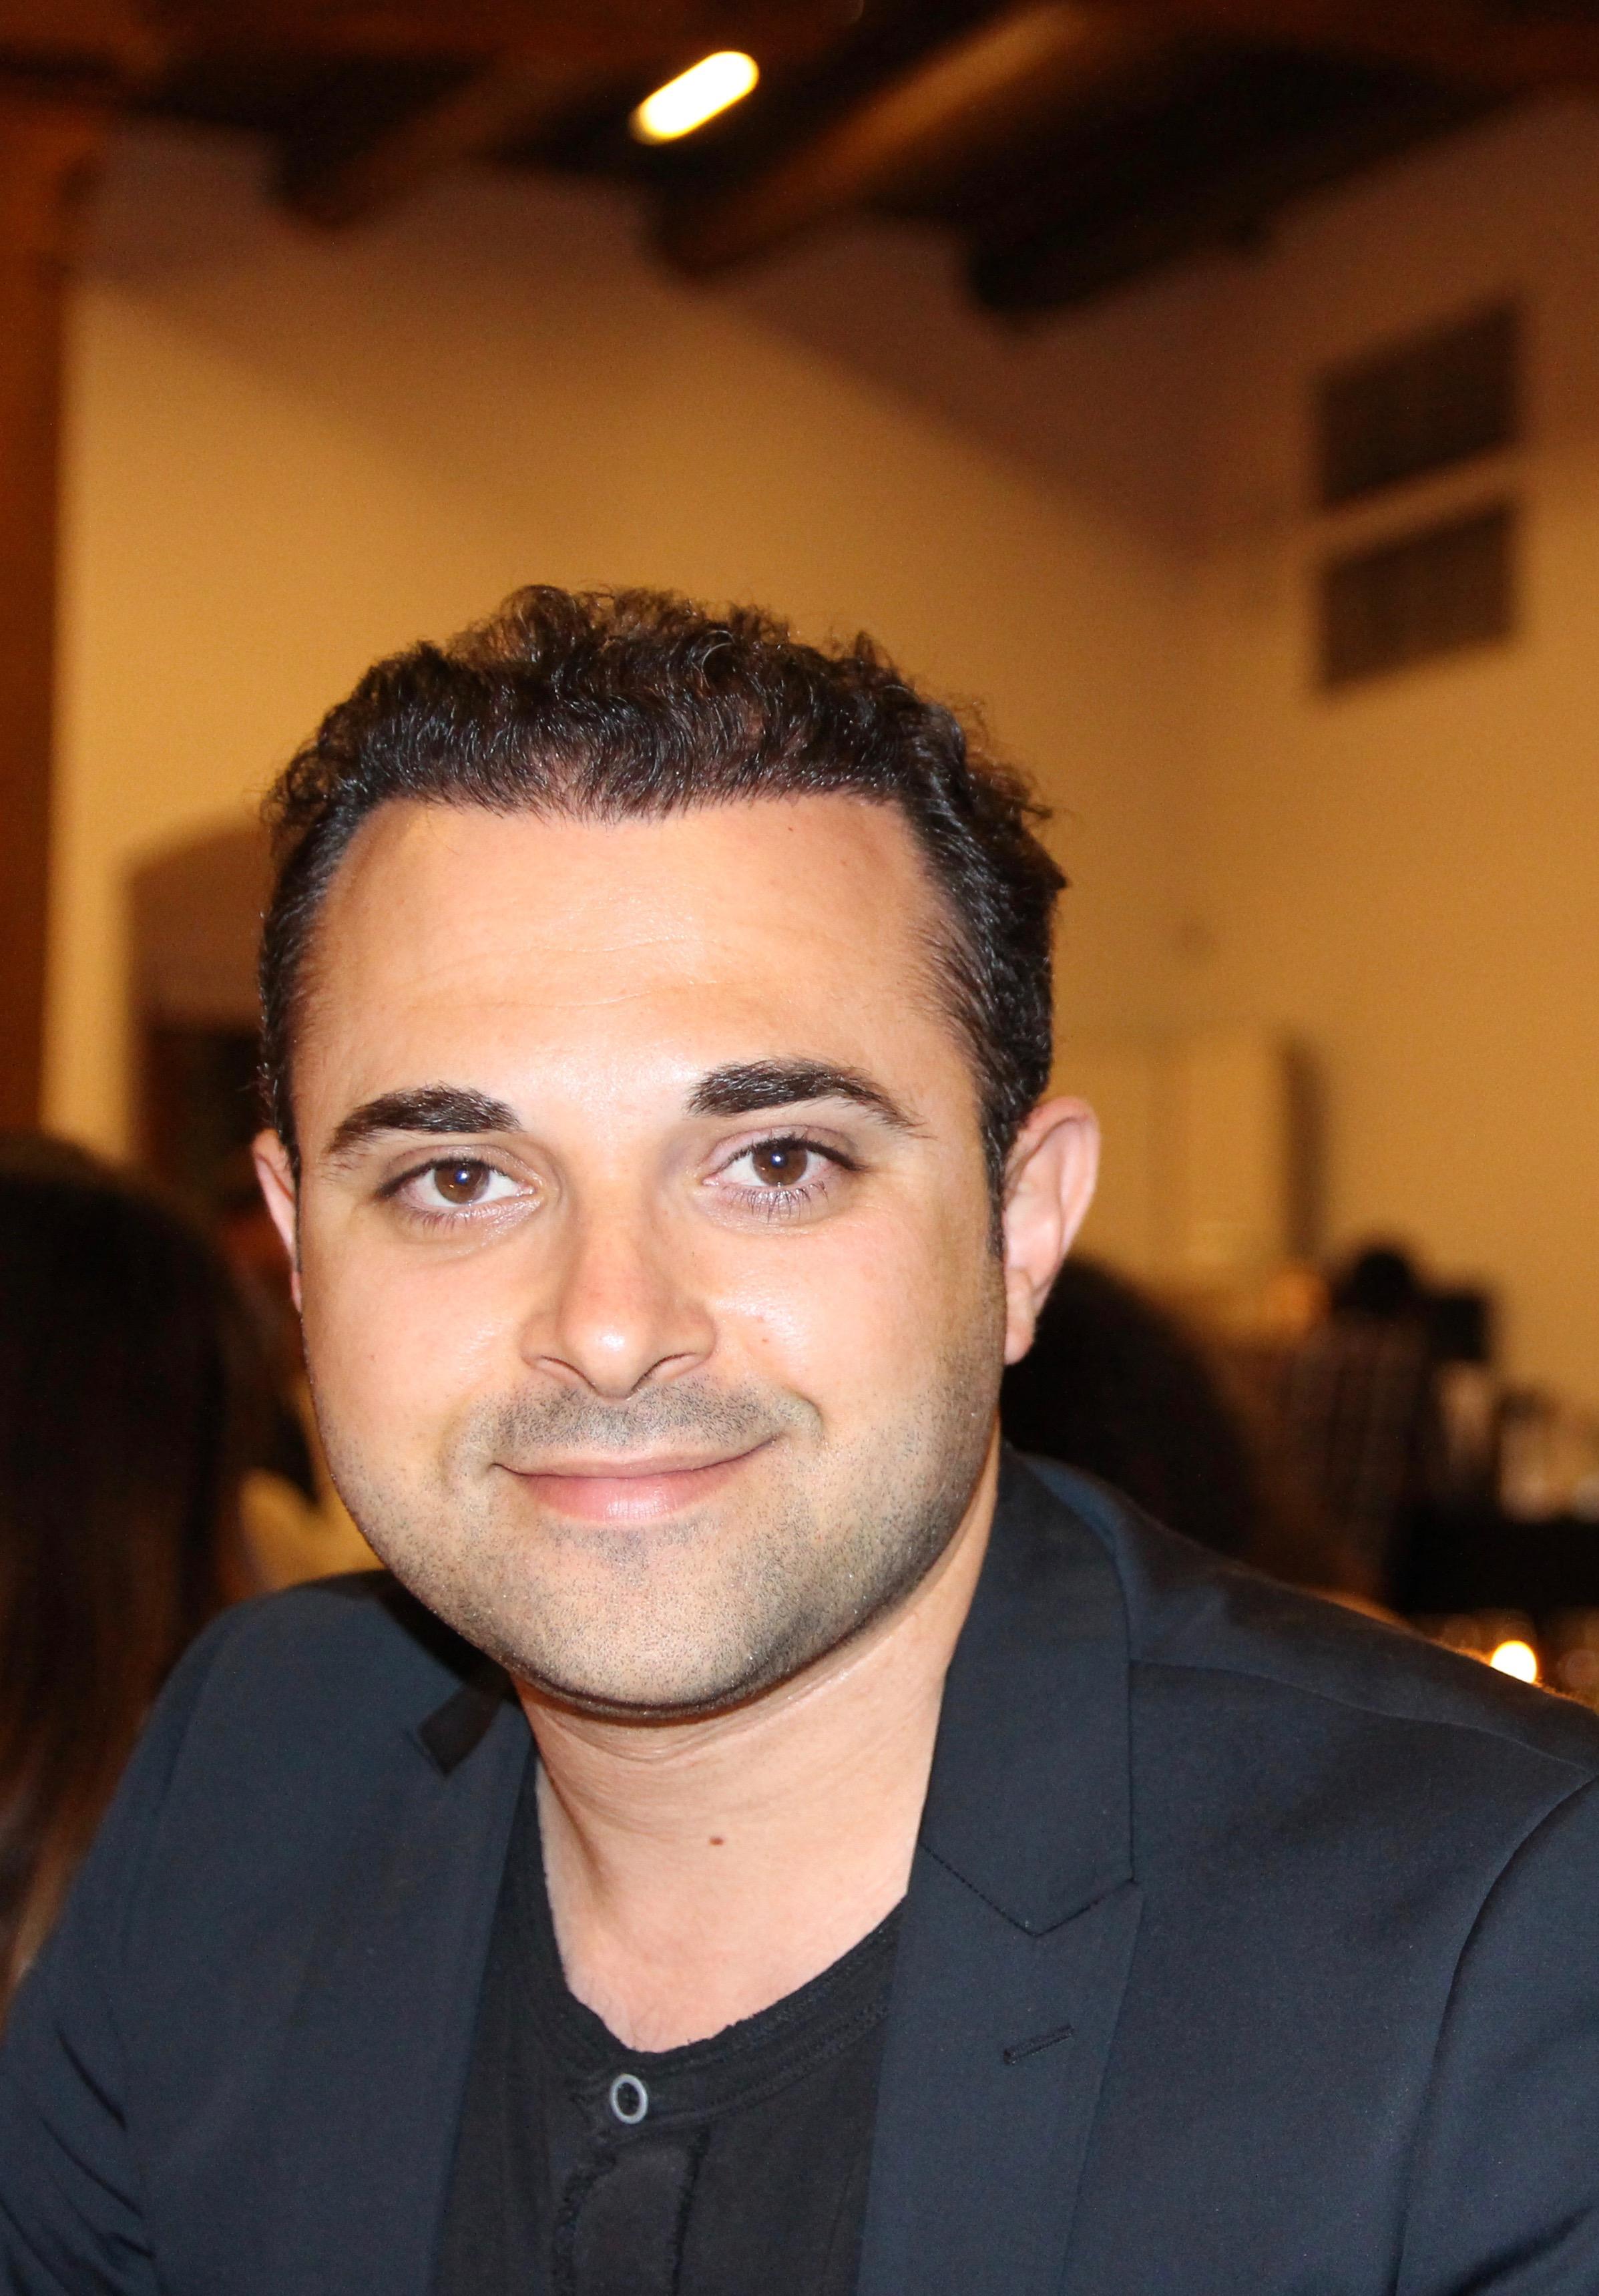 إم بي سي جورنال - فريق التحرير - Hakim Khatib - editor-in-chief - رئيس تحرير: جورنال سياسات وثقافة المشرق باللغة العربية